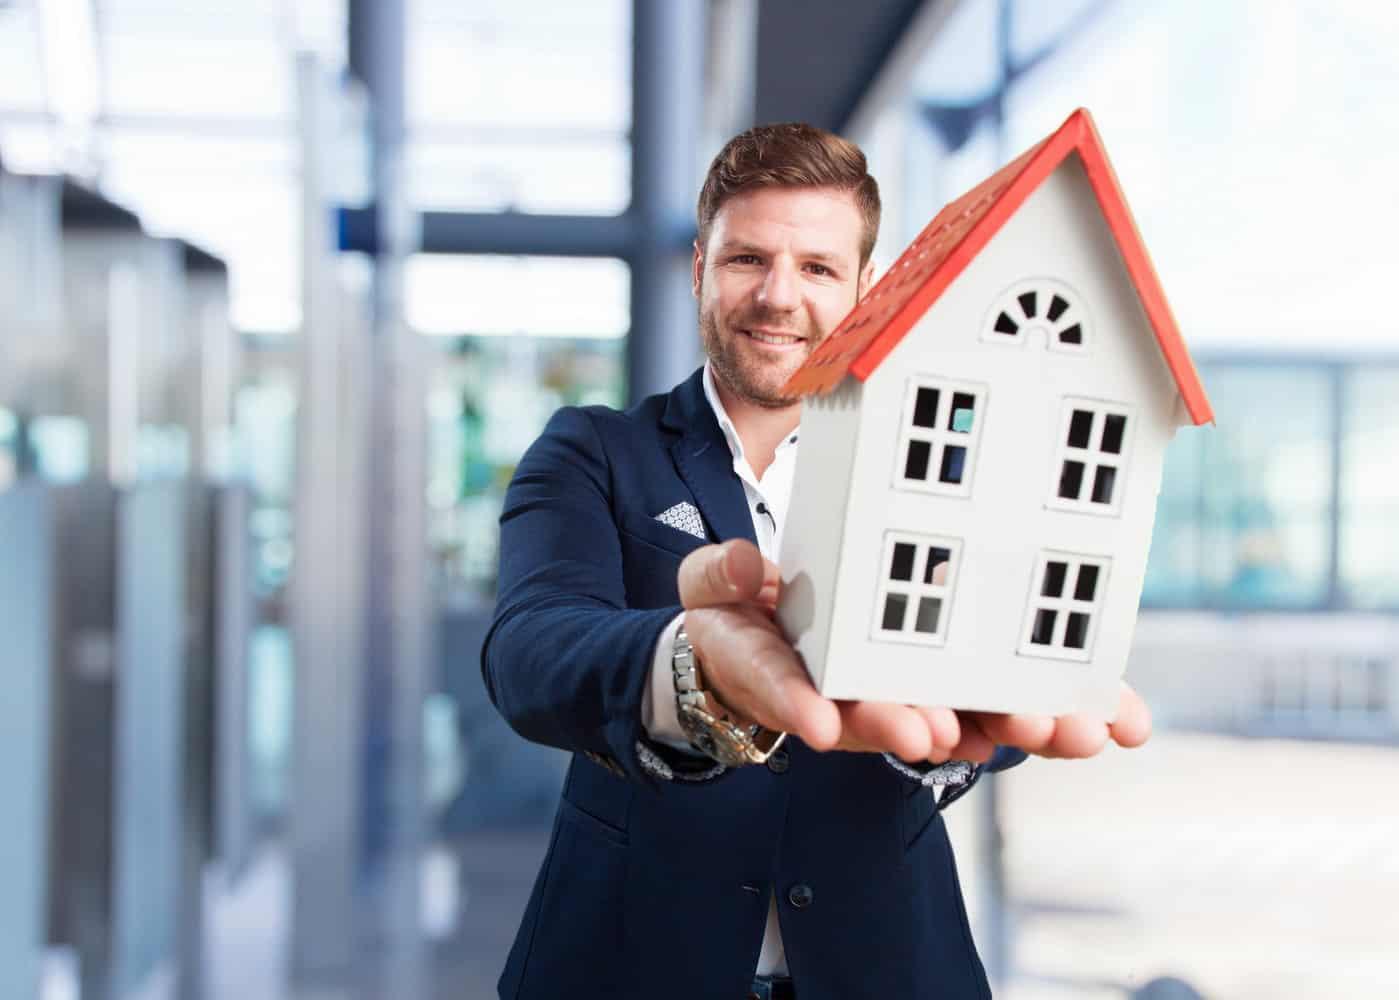 Ha érdekel az ingatlanbefektetés, akkor jelentkezz a Győrben induló Ingatlanvagyon-értékelő és -közvetítő OKJ-s tanfolyamunkra!